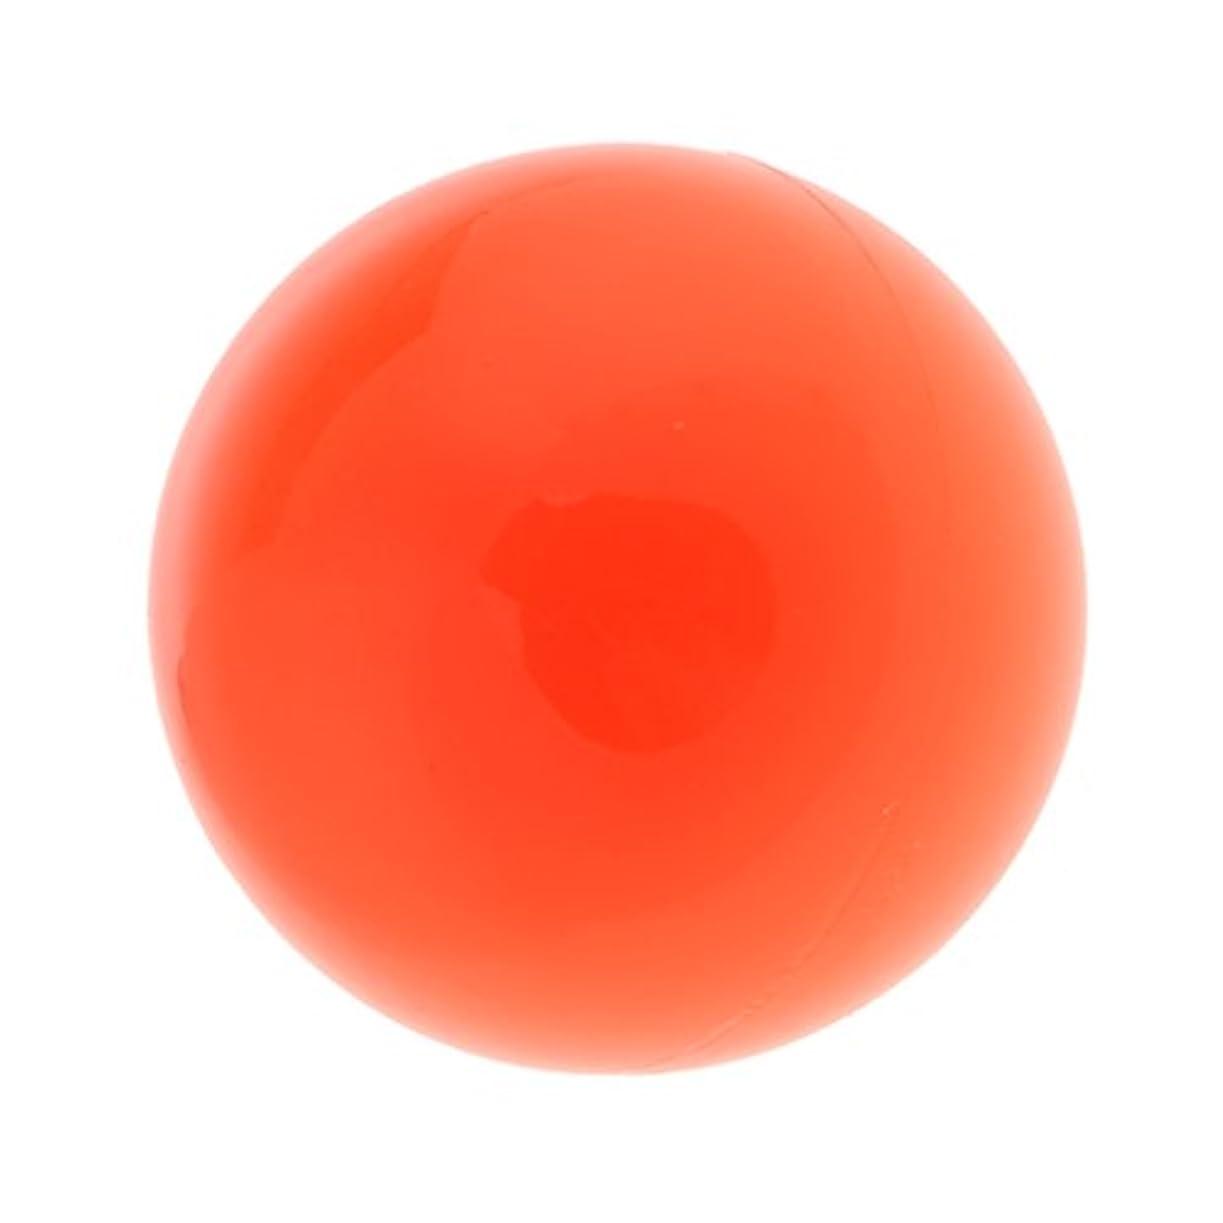 行うバンカーしがみつくラクロスマッサージボール マッサージボール マッサージ 手のひら 足 腕 首 背中 足首 ジム ホーム 便利 オレンジ